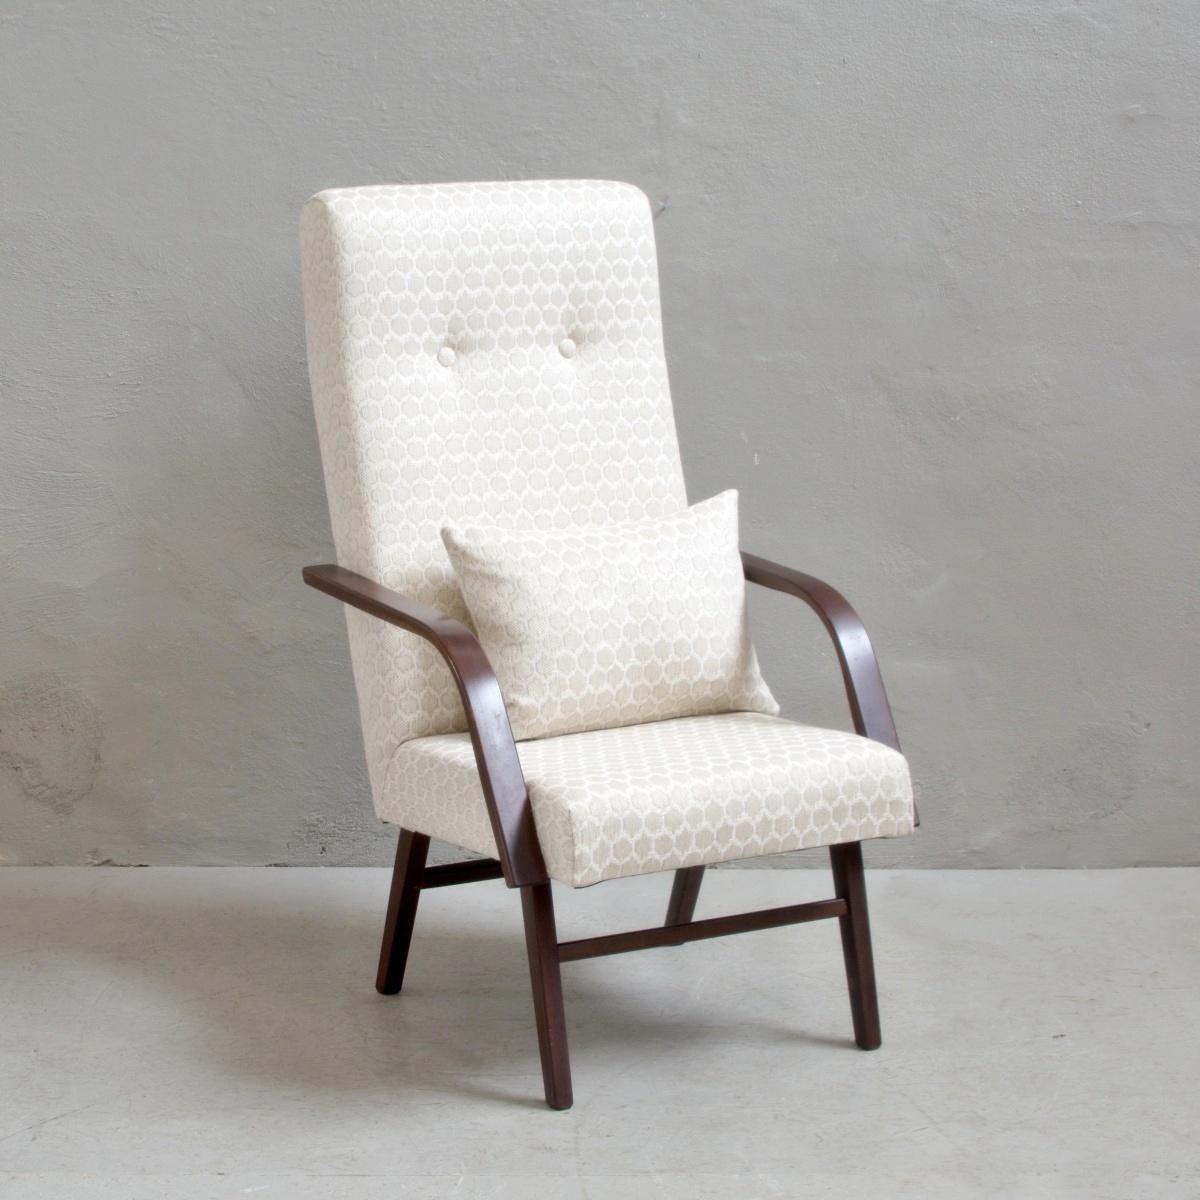 Prodej retro nábytku retro křeslo s polštářem